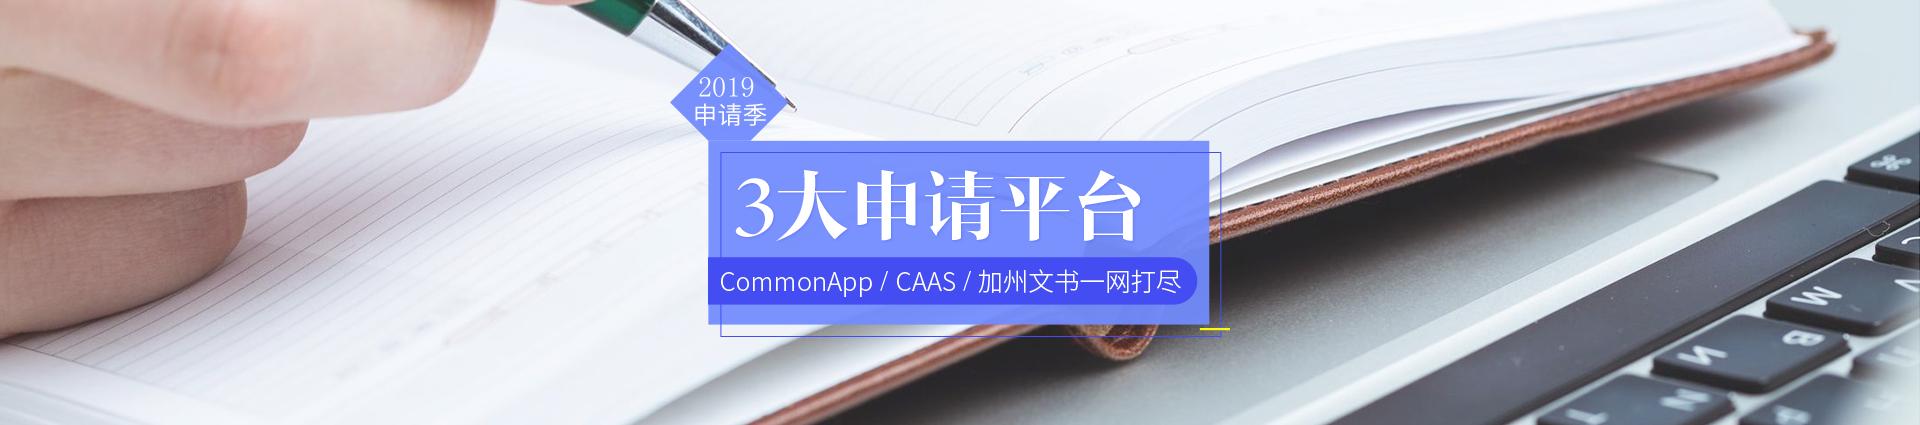 CommonApp/CAAS/加州文书